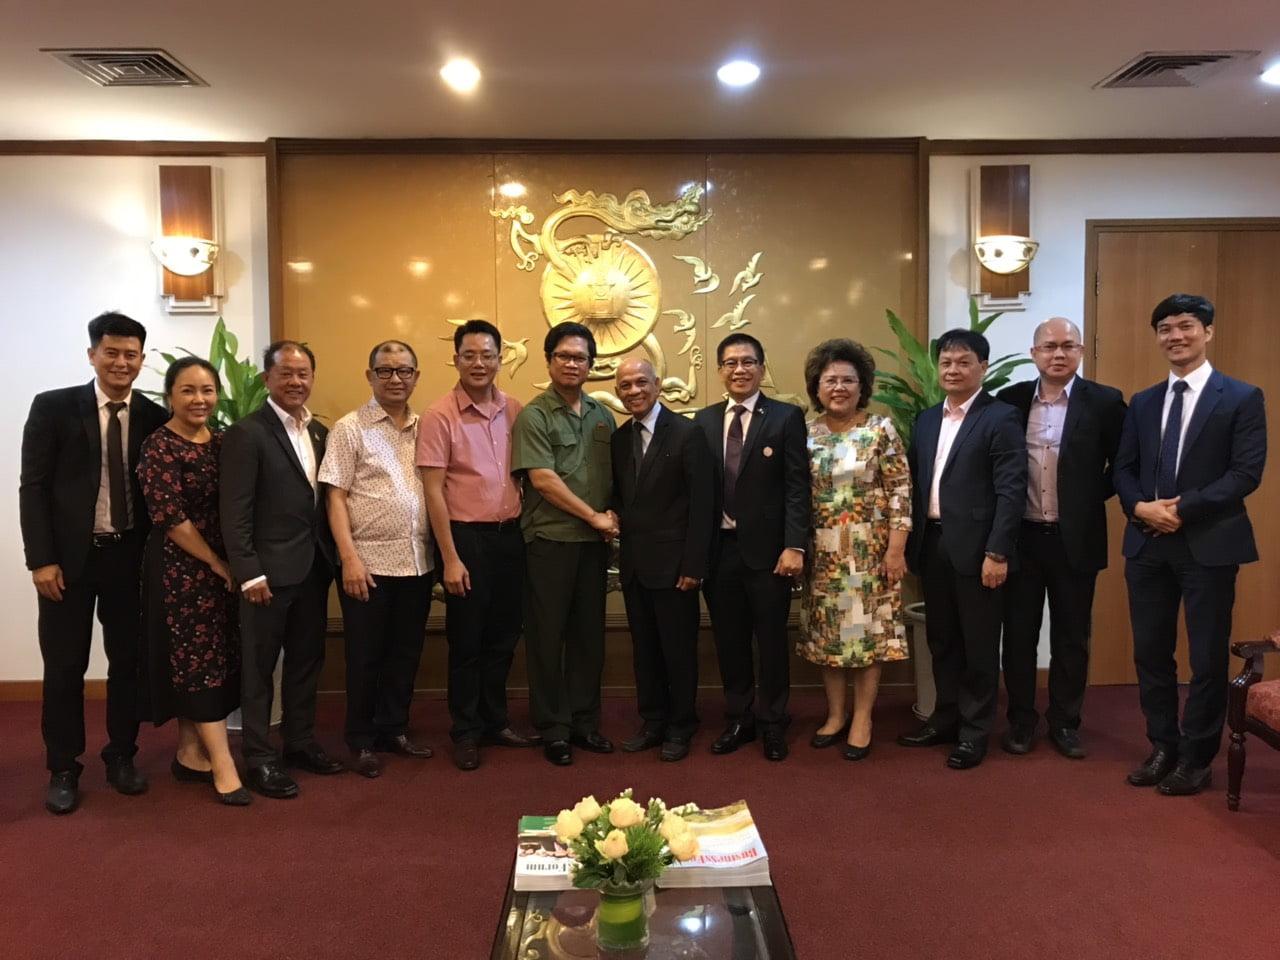 Ông Vũ Tiến Lộc, Chủ tịch VCCI chụp ảnh cùng Hiệp hội Doanh nhân người Việt Nam ở nước ngoài